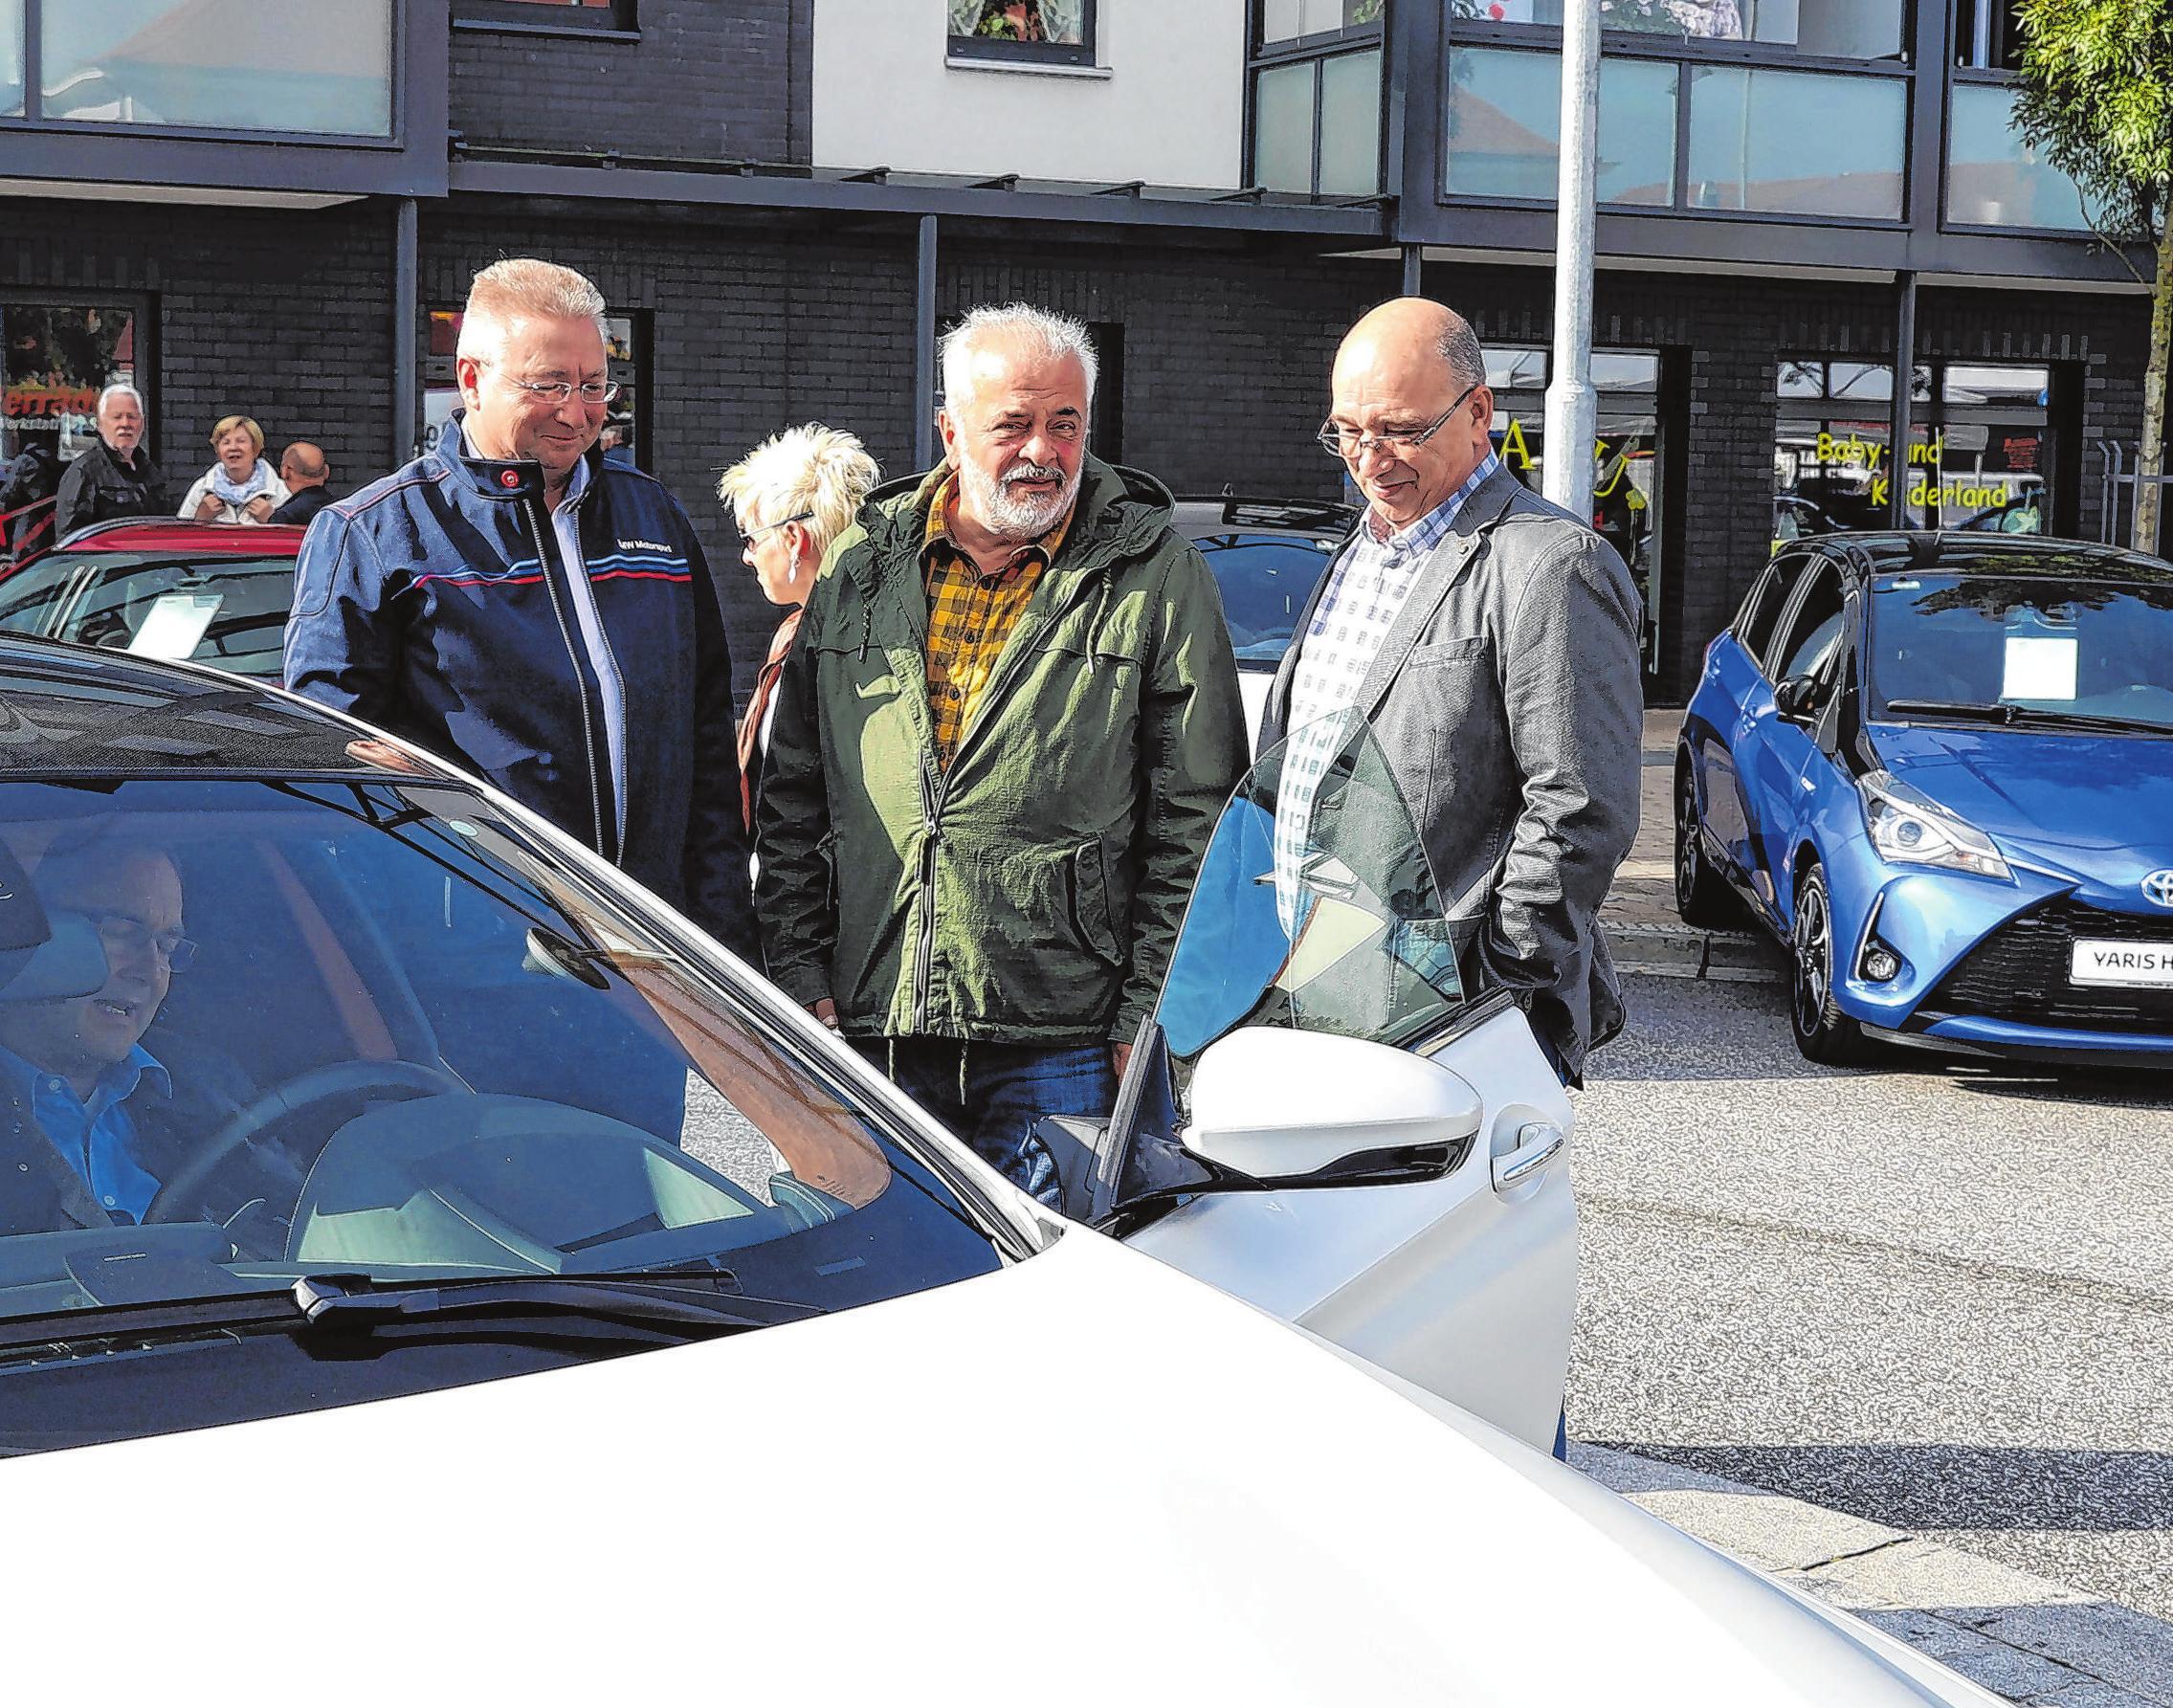 Bürgermeister Ronald Seeger, Reiner Deutschmann und Kreishandwerksmeister Michael Ziesecke schauten sich gemeinsam auf der Autoschau um. Fotos: Weber